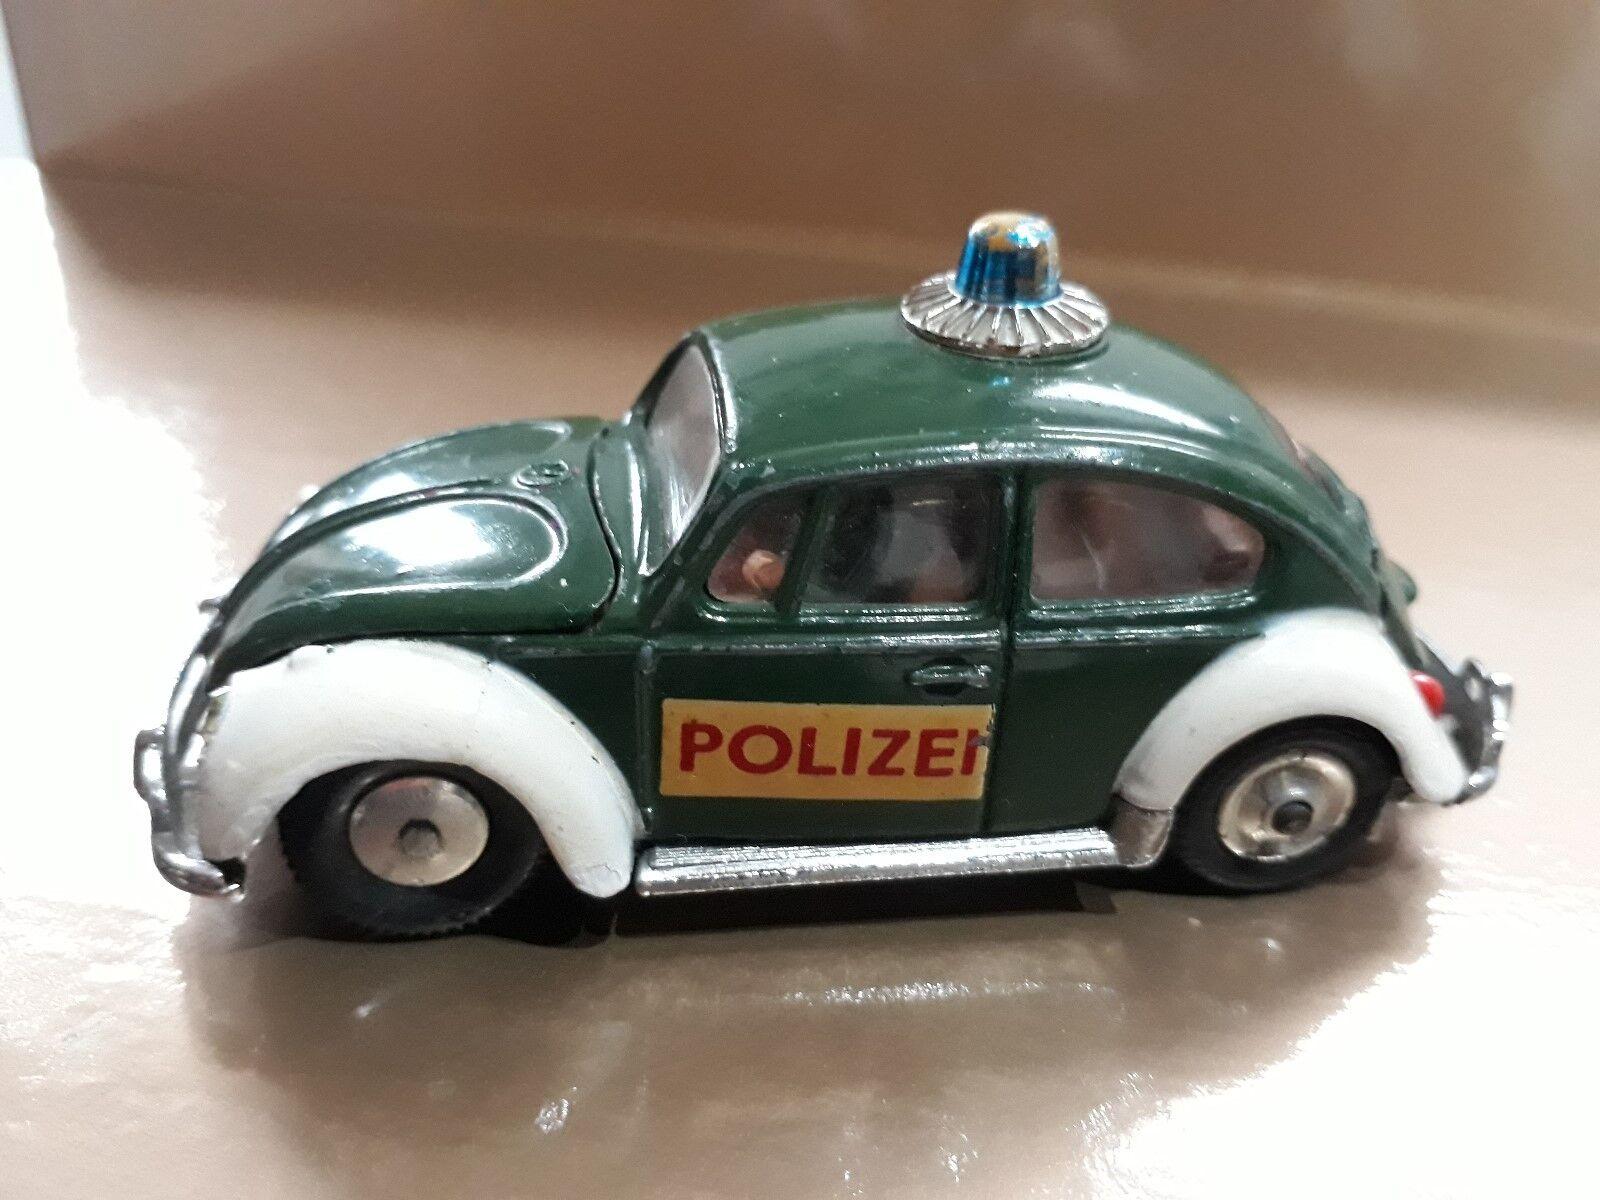 VolksWagen 1200 Saloon Polizei Corgi Toys 1 43